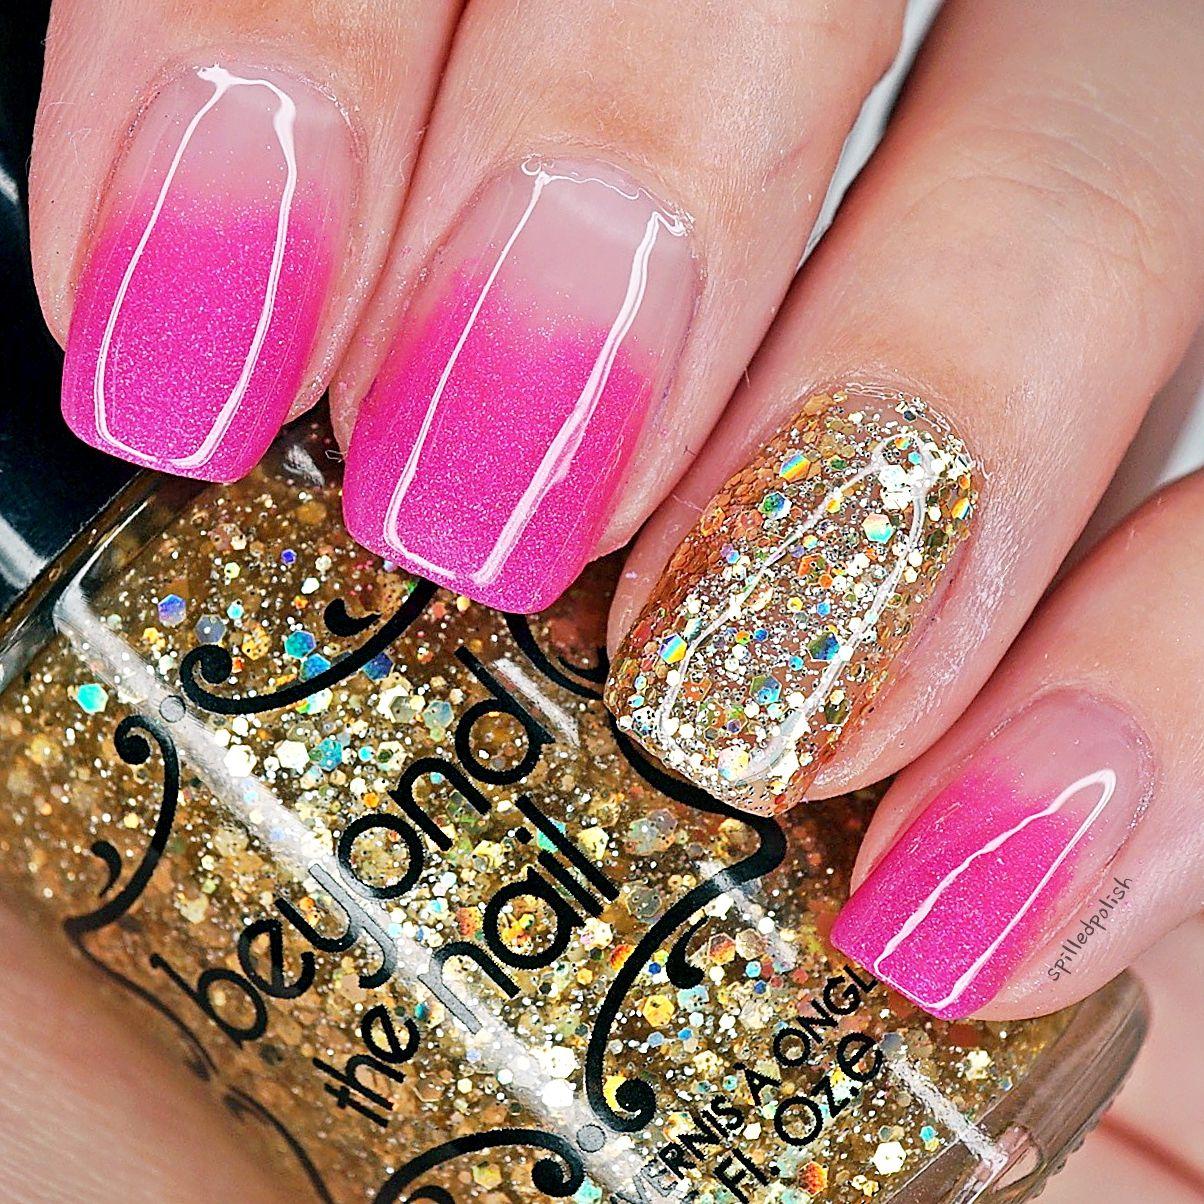 Faded French Manicure   Faded french manicure, Manicure and Nail ...